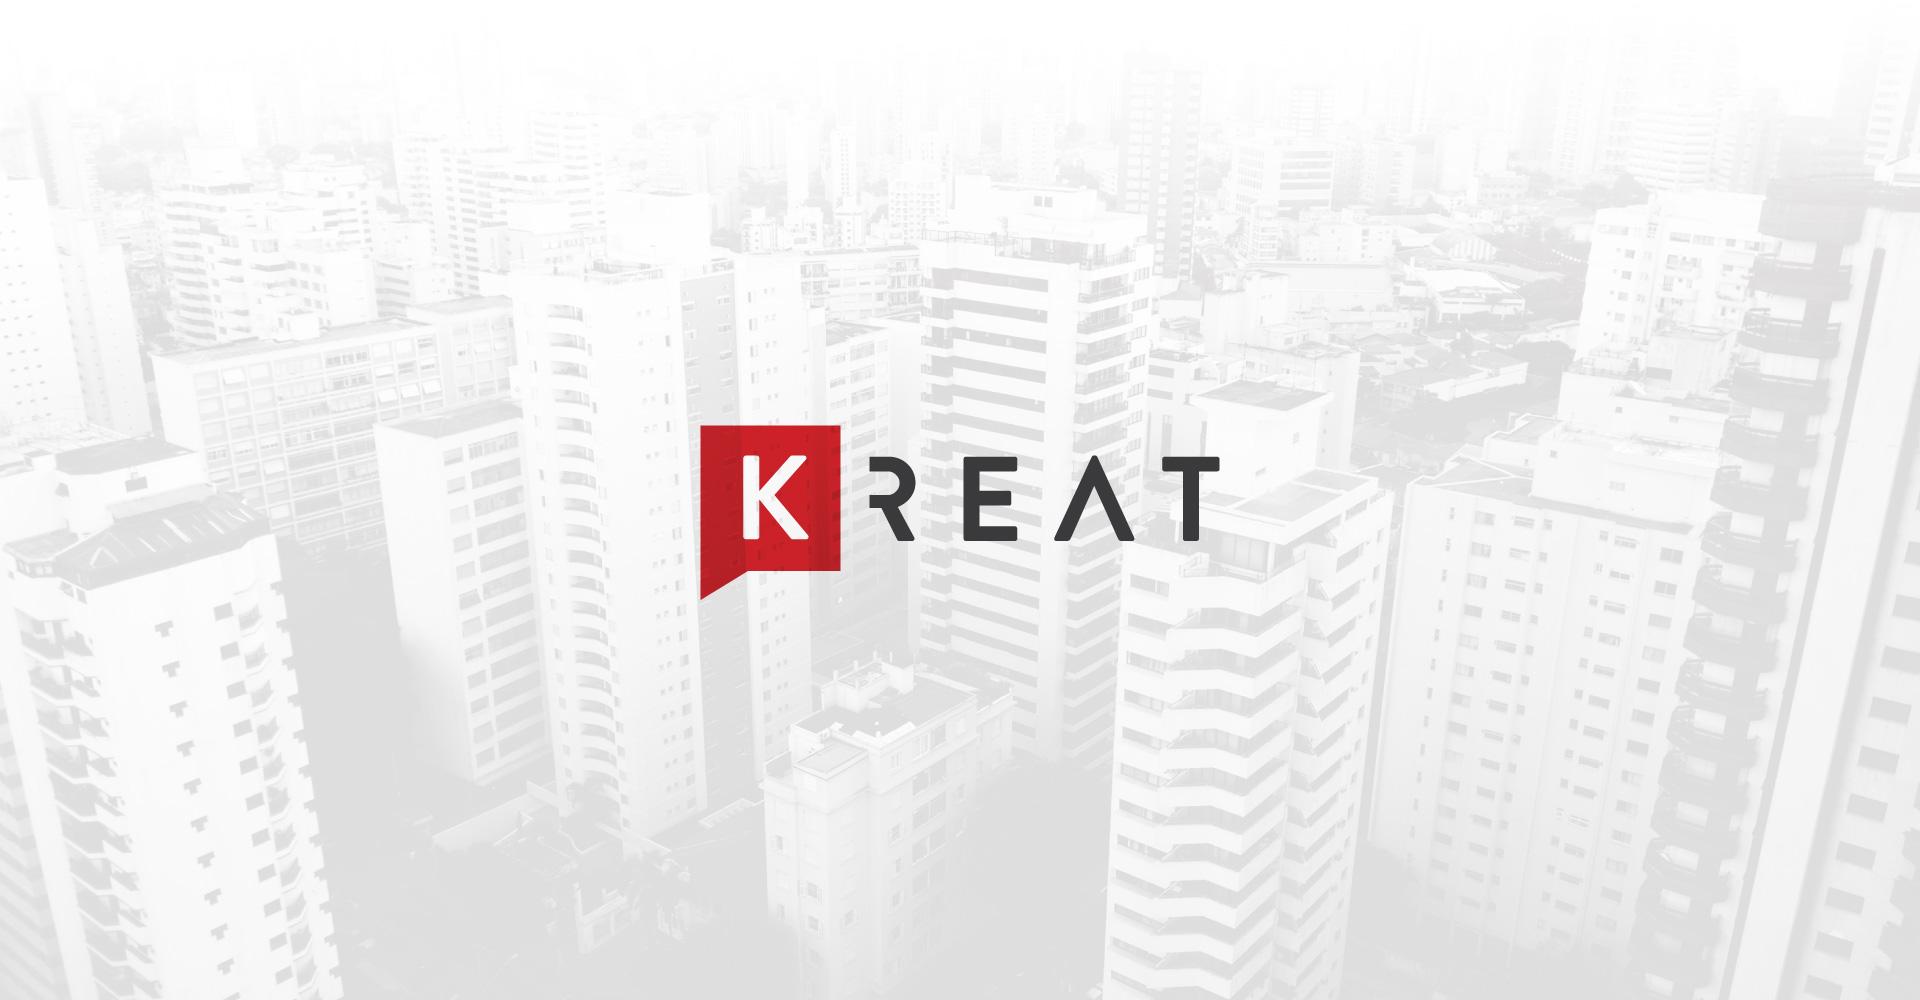 BRAND 03 - Kreat